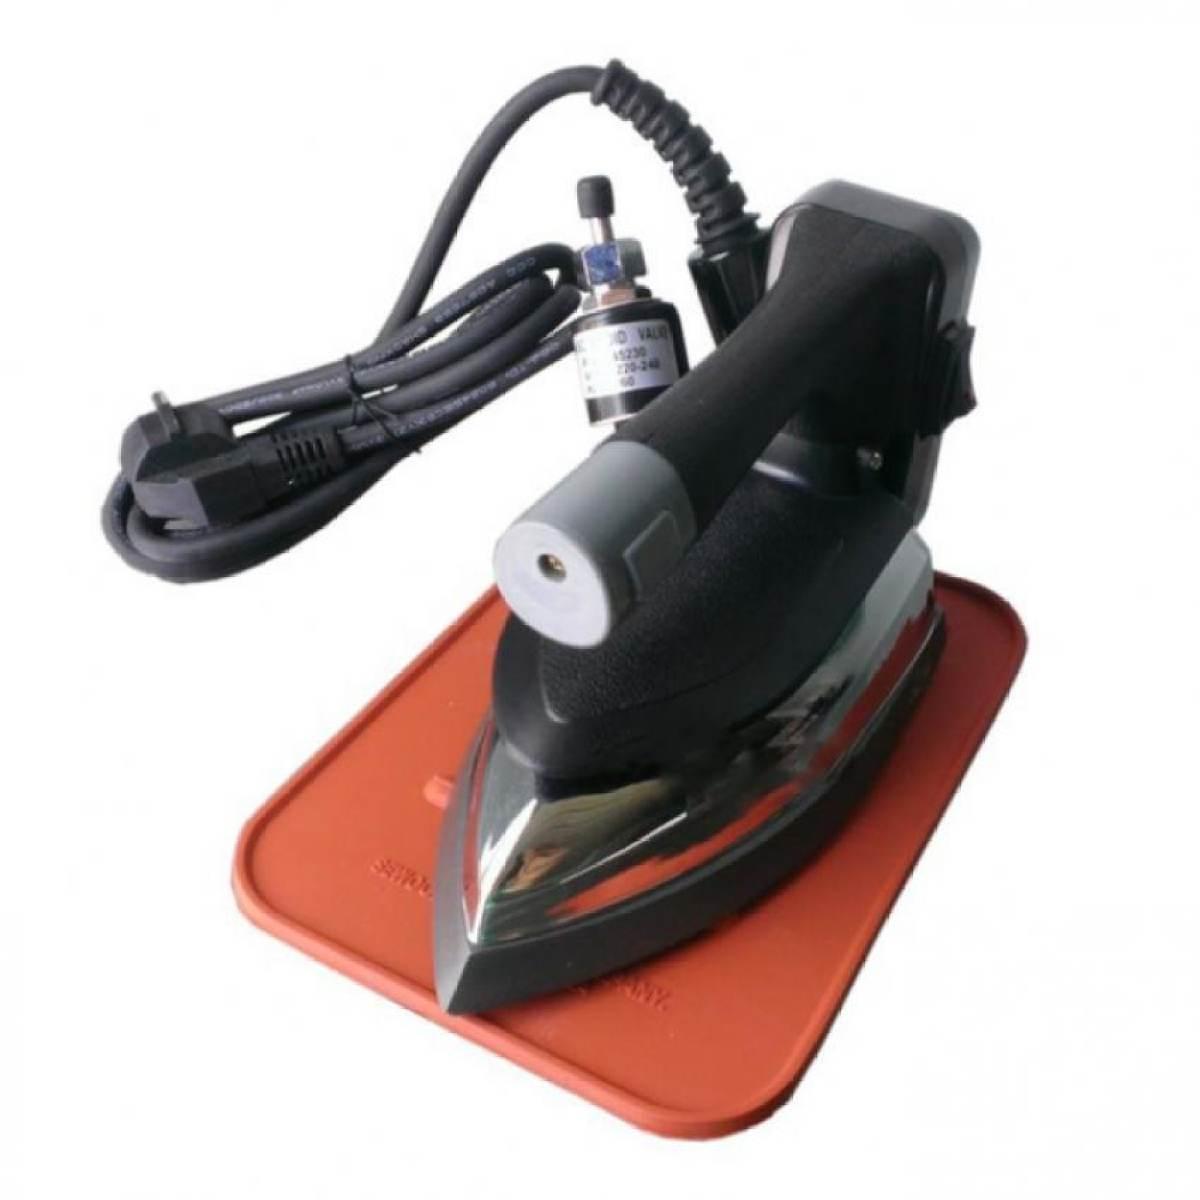 Bàn là hơi nước công nghiệp treo Sewoong Pen 520